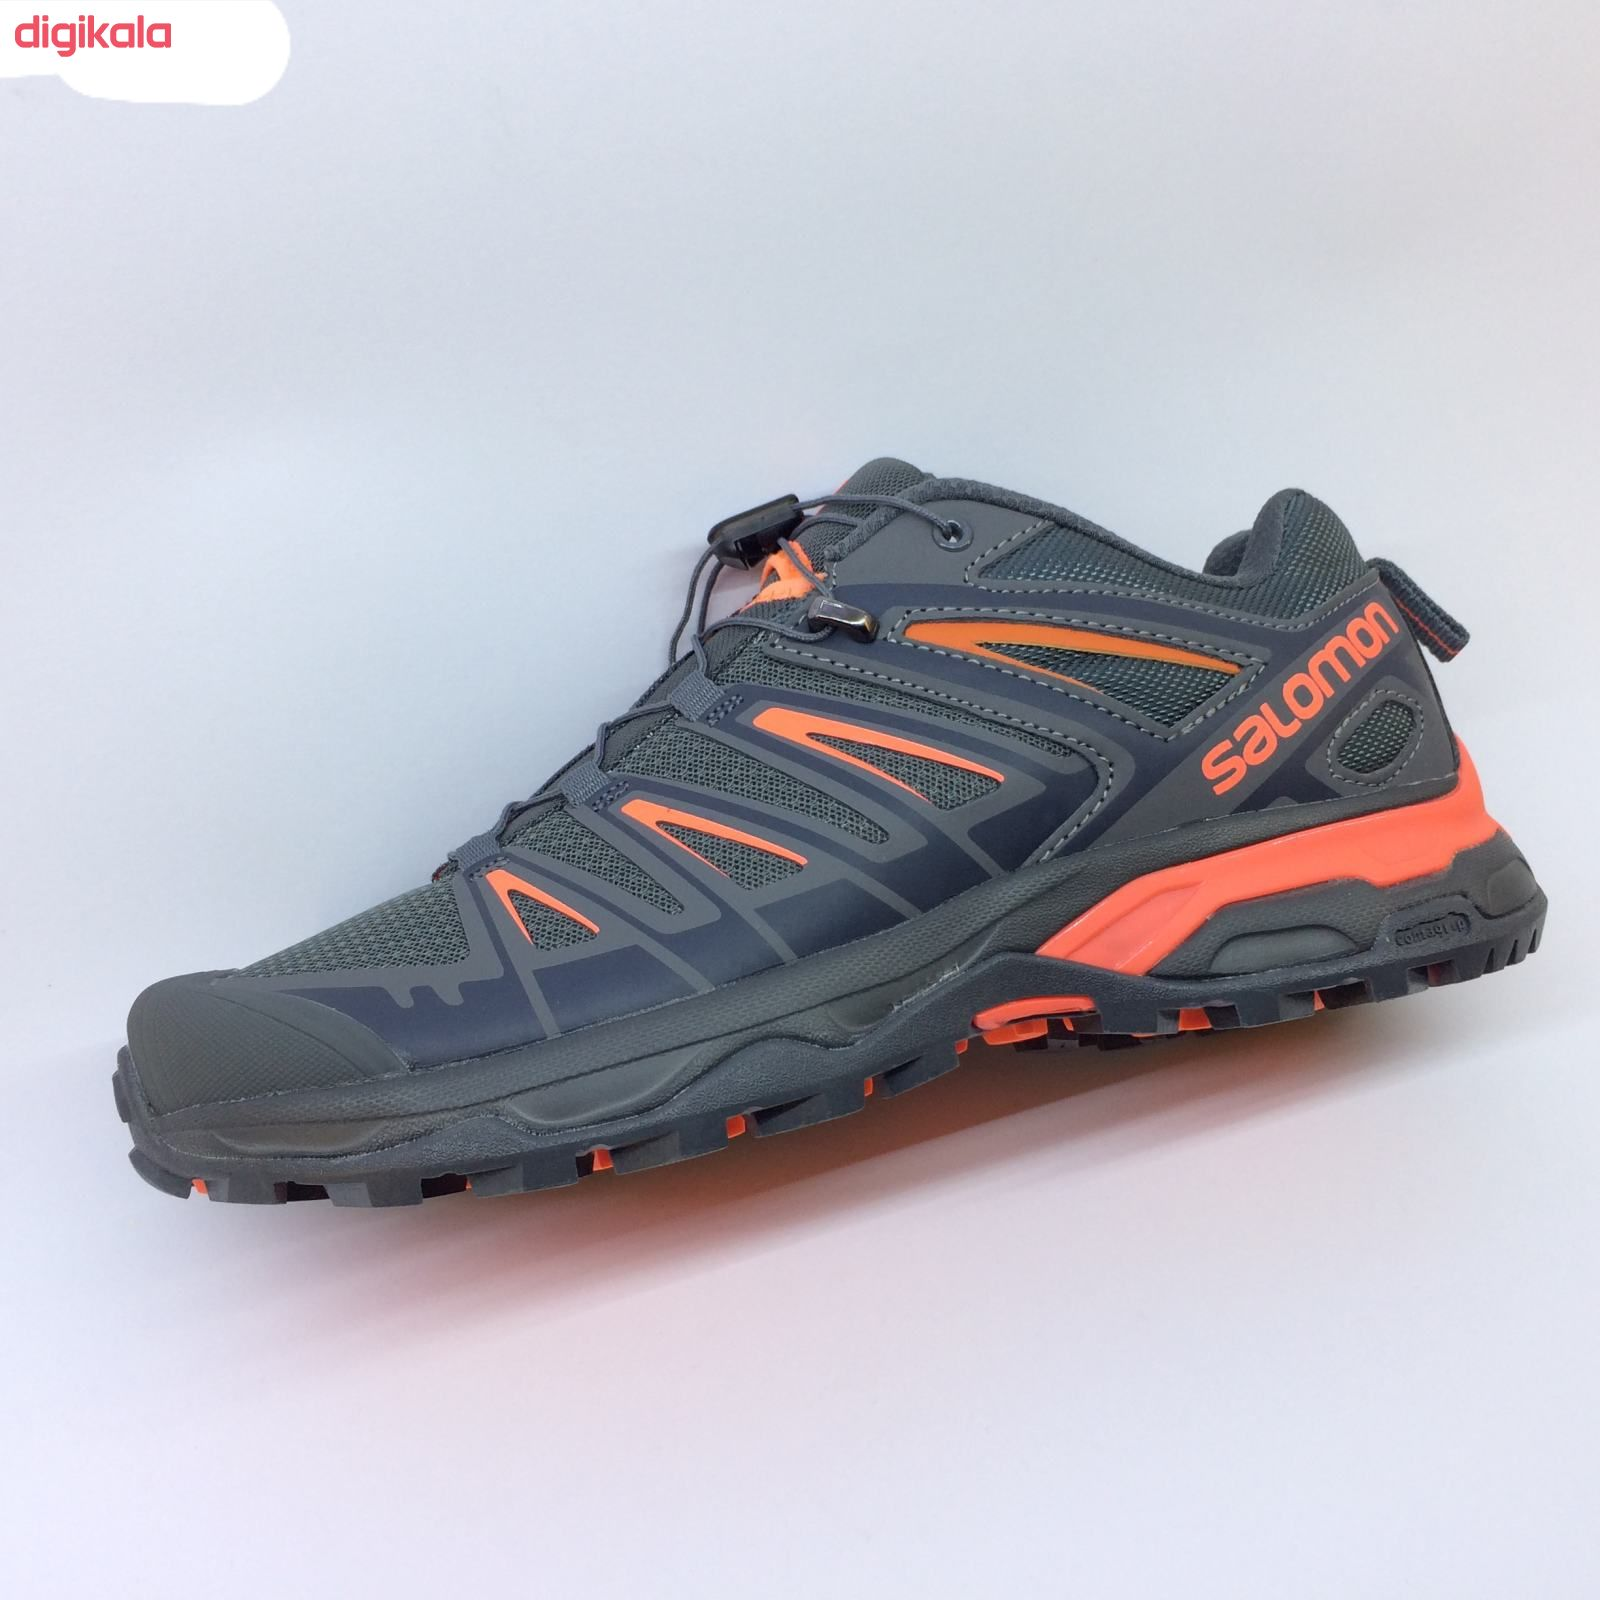 کفش کوهنوردی مردانه  مدل X-ultra3 main 1 1